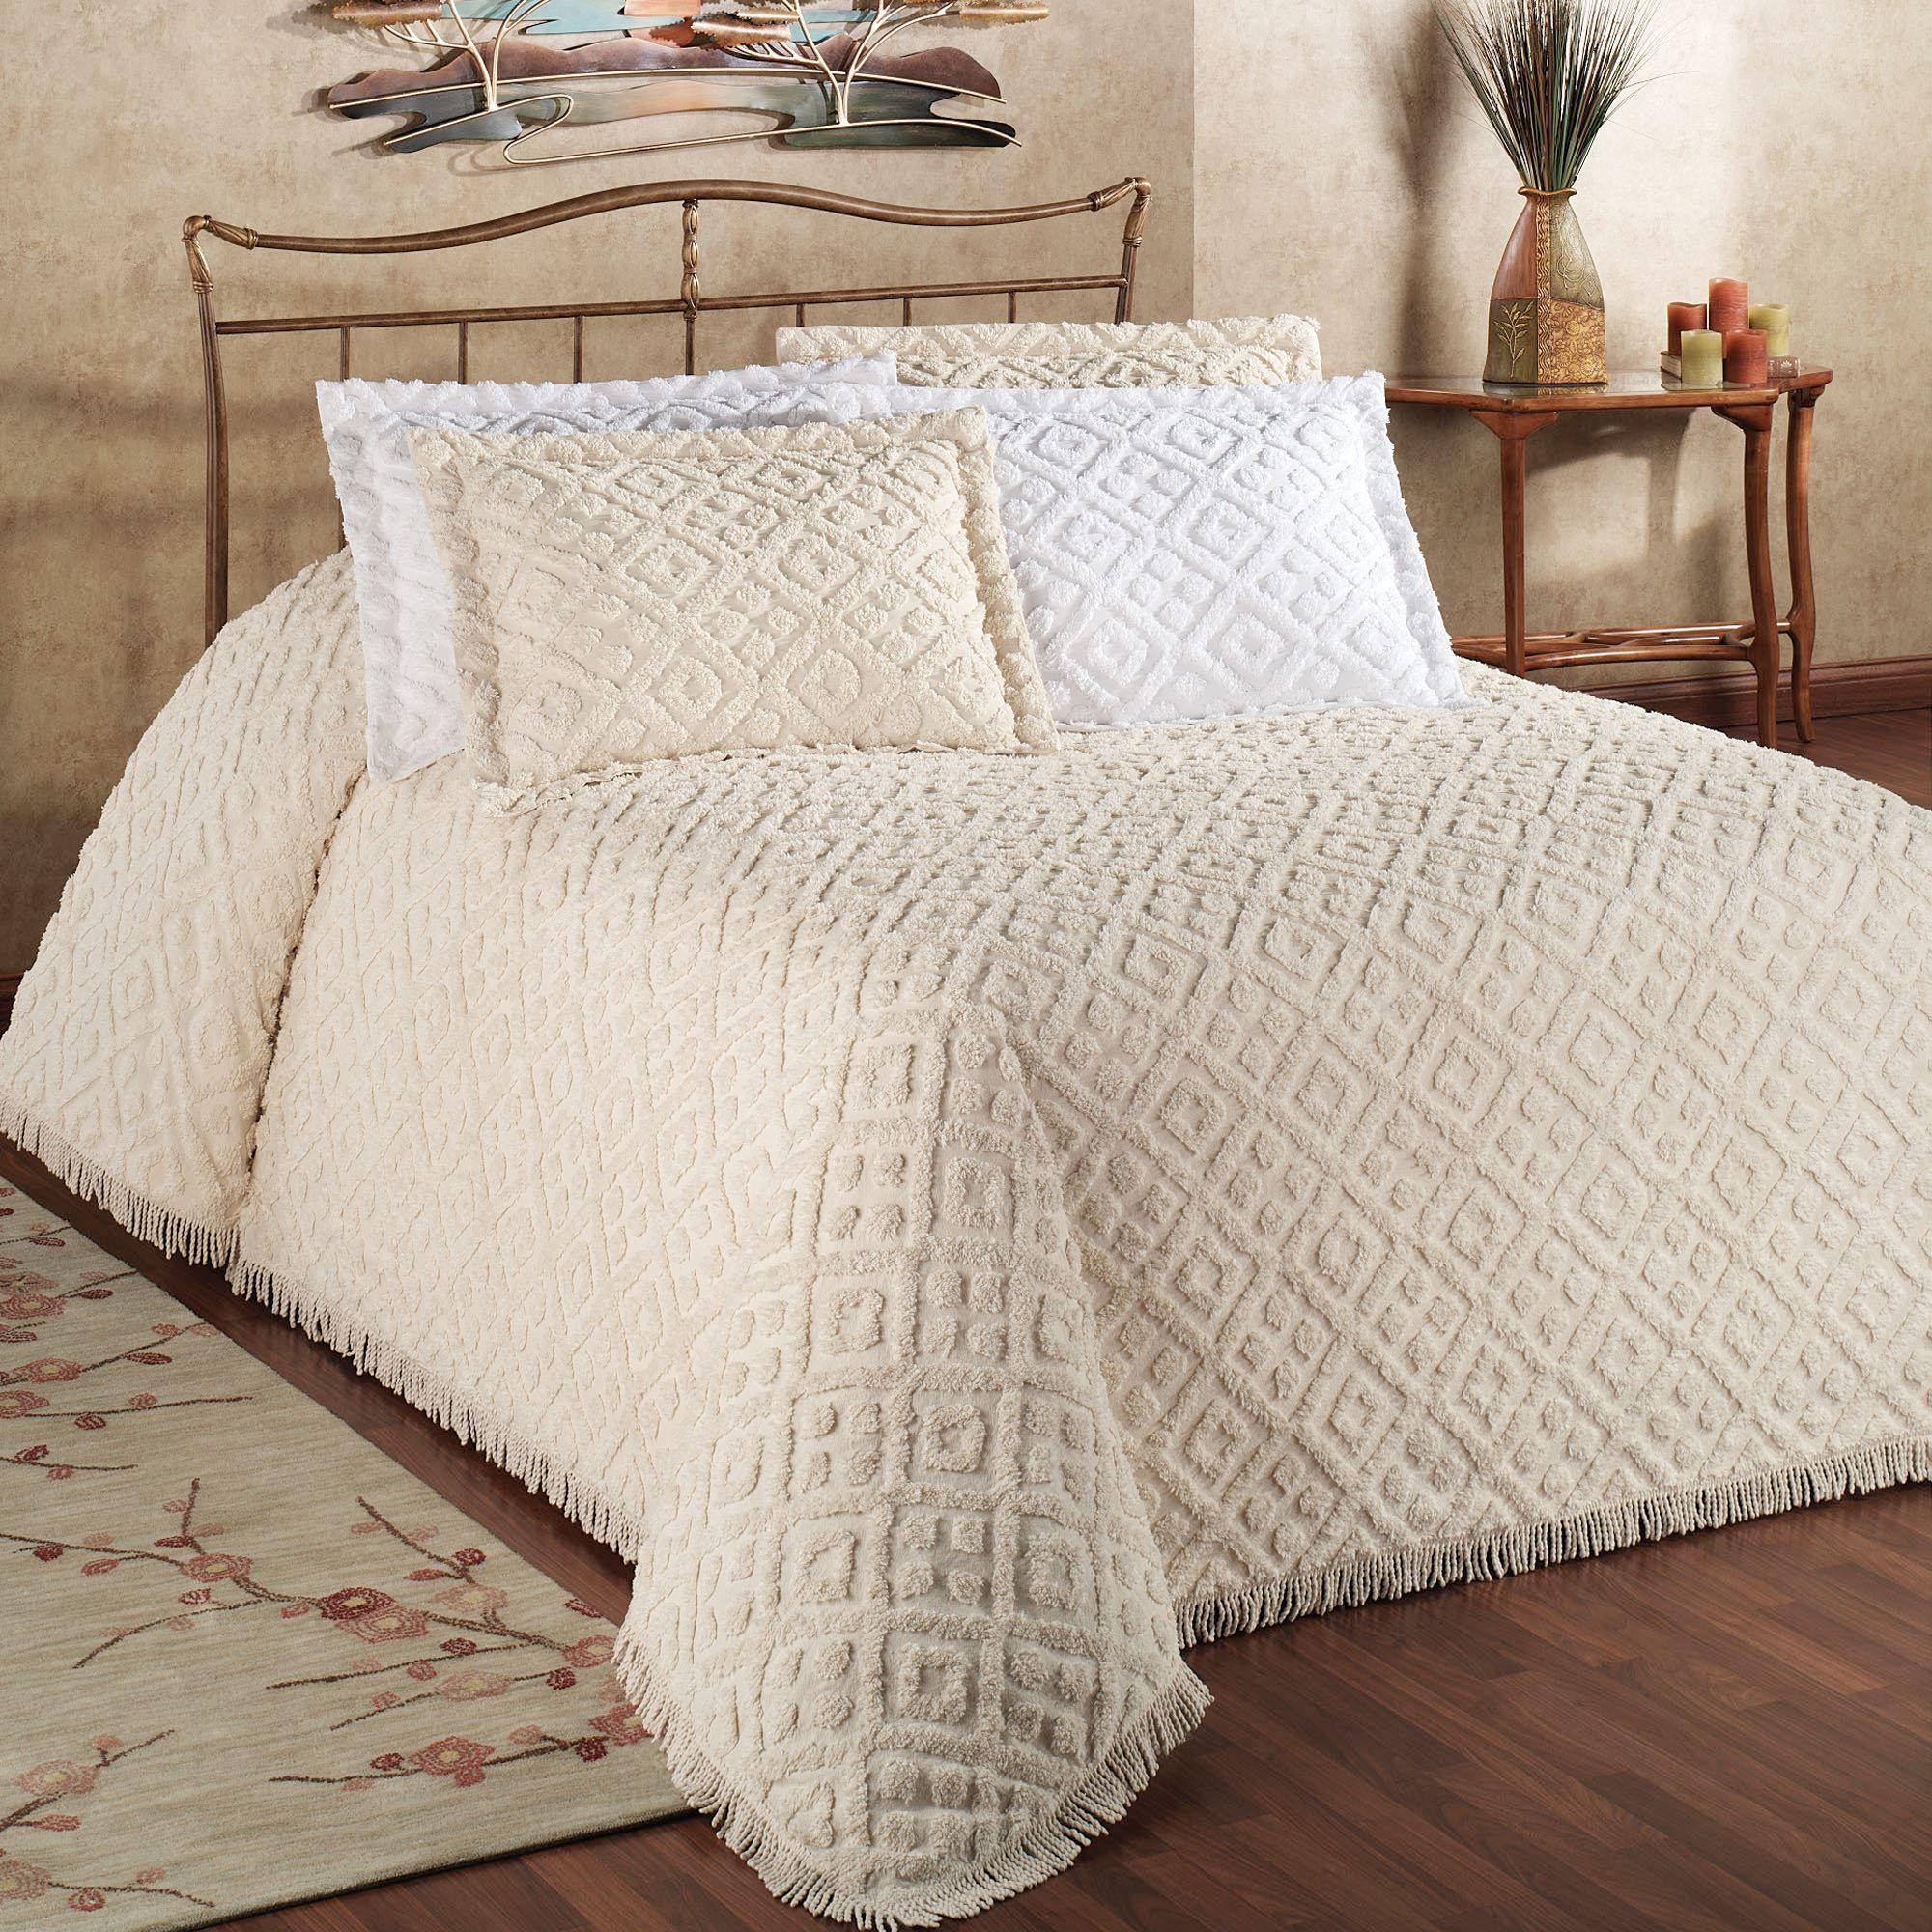 Diamond Cotton Chenille Bedspread Bedding